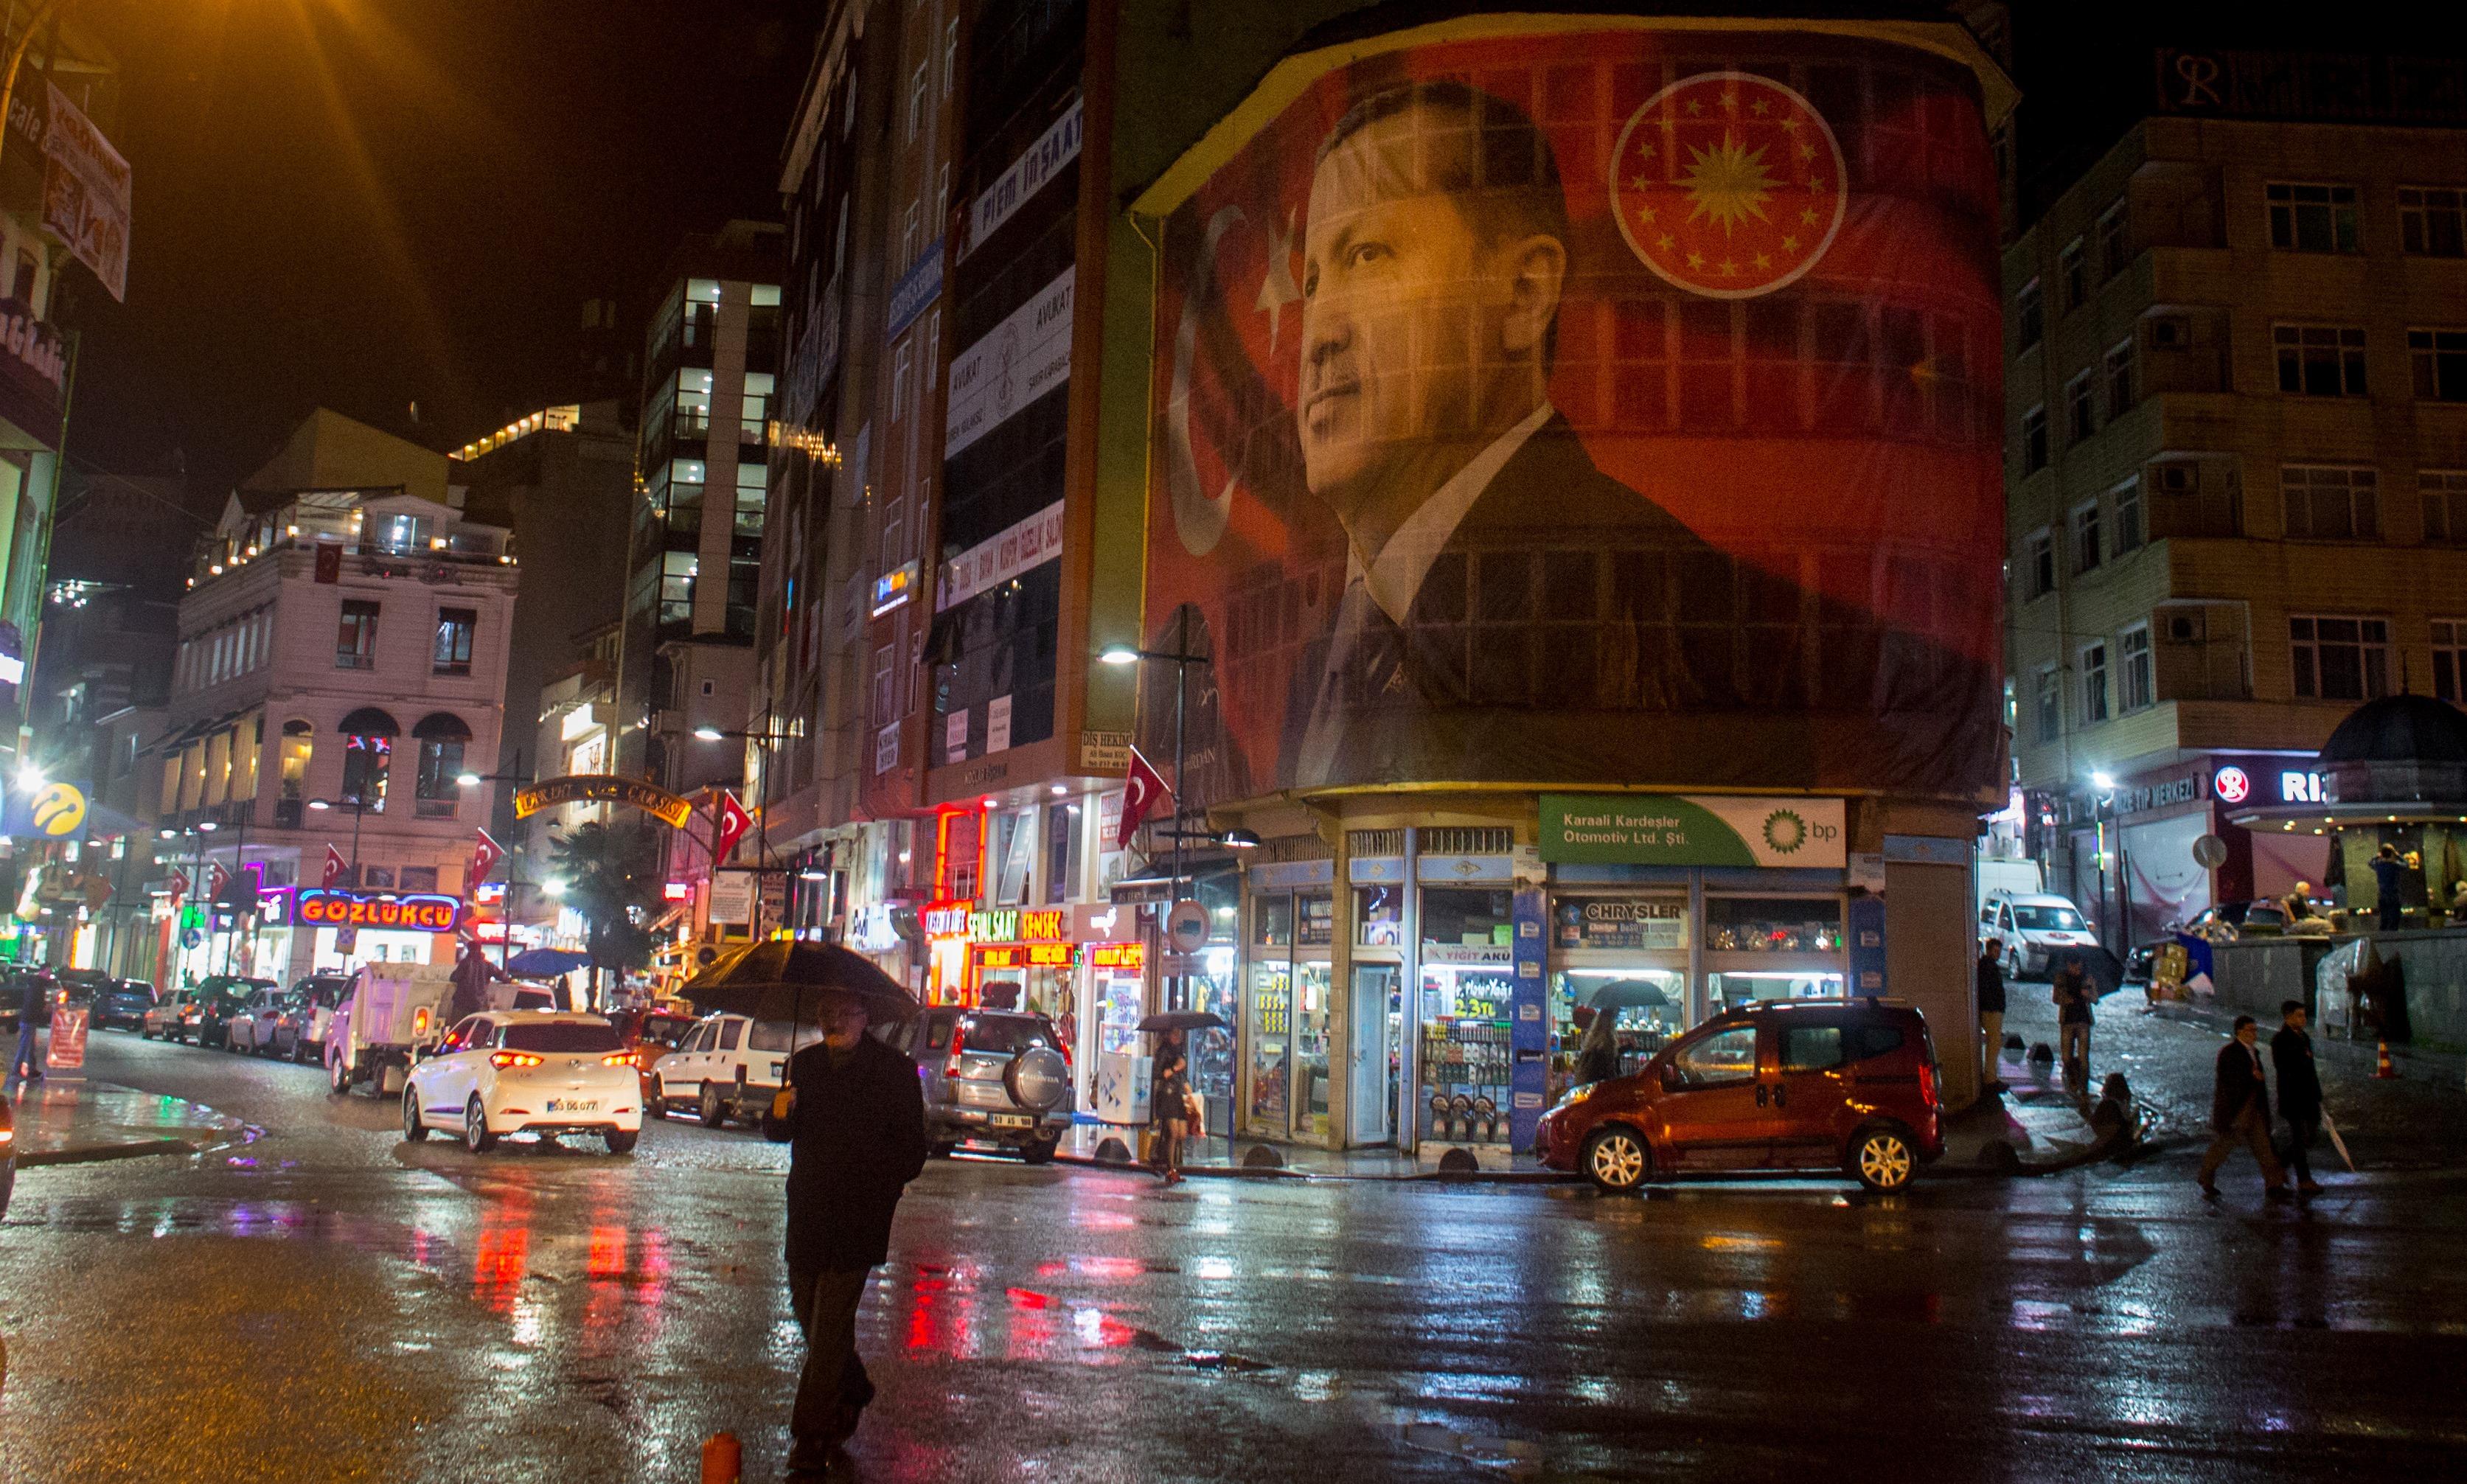 Poster of Turkish President Recep Tayyip Erdogan in Rize, Turkey. (Chris McGrath/Getty)